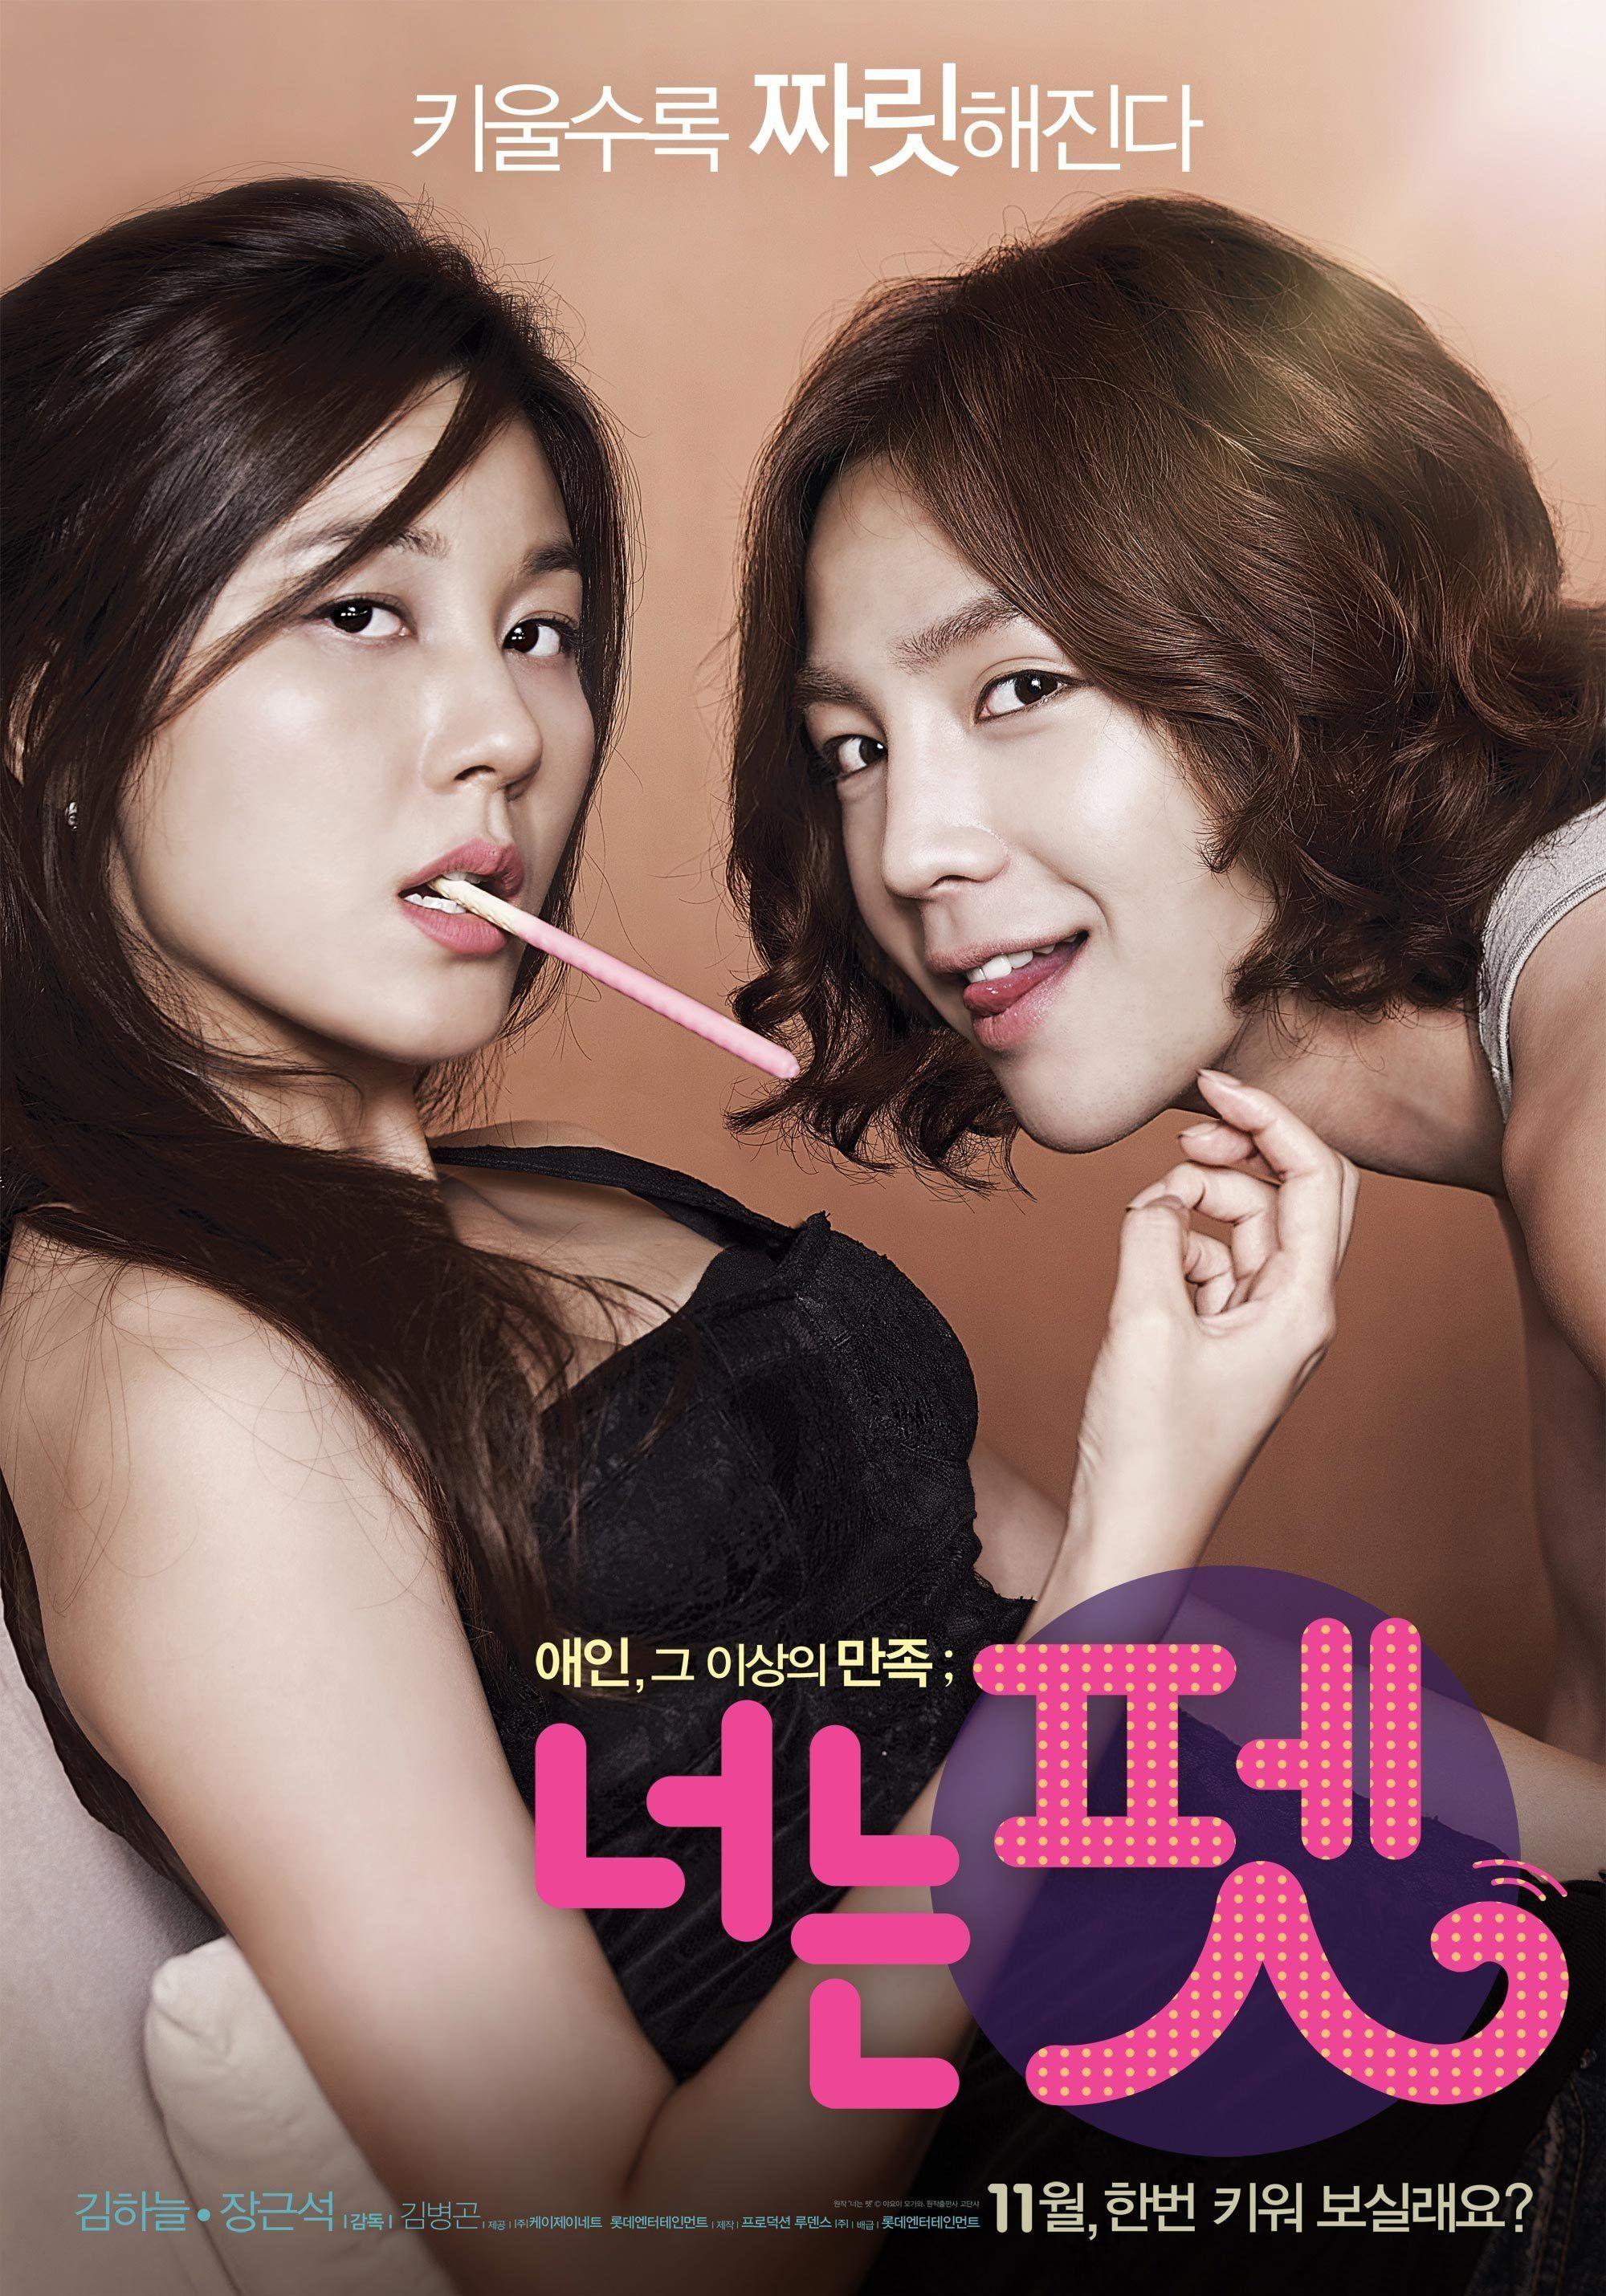 Kim Ha Neul and Jang Geun Suk - You're My Pe   (a craaapy movie!)